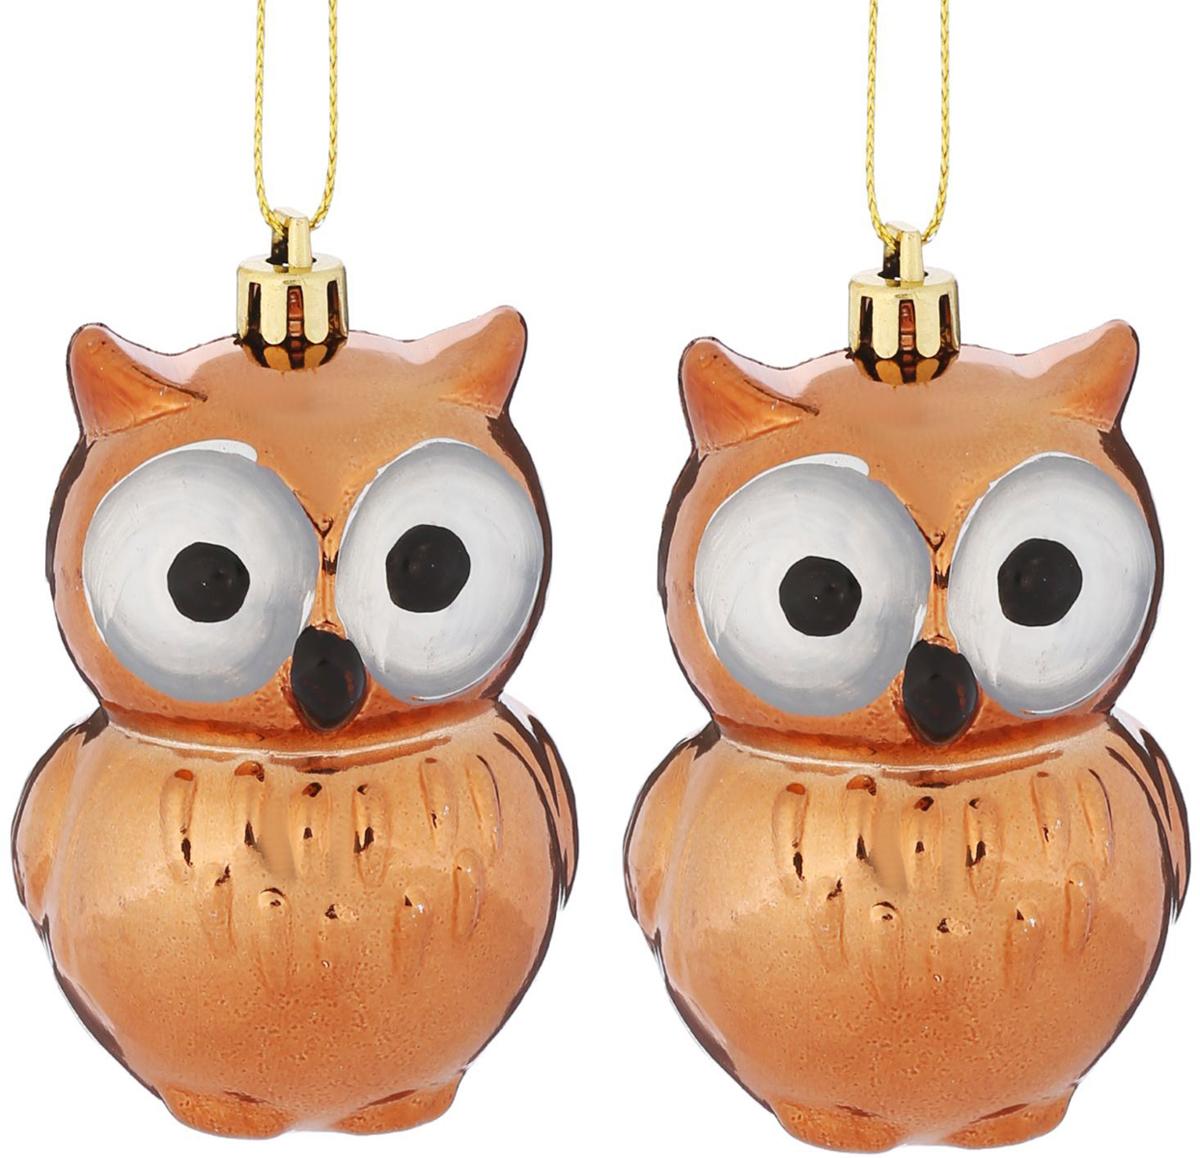 Набор новогодних подвесных украшений Совушки глазки, 7,5 х 4,5 см, 2 шт2122496Набор новогодних подвесных украшений отлично подойдет для декорации вашего дома и новогодней ели. С помощью специальной петельки украшение можно повесить в любом понравившемся вам месте. Но, конечно, удачнее всего оно будет смотреться на праздничной елке.Елочная игрушка - символ Нового года. Она несет в себе волшебство и красоту праздника. Такое украшение создаст в вашем доме атмосферу праздника, веселья и радости.